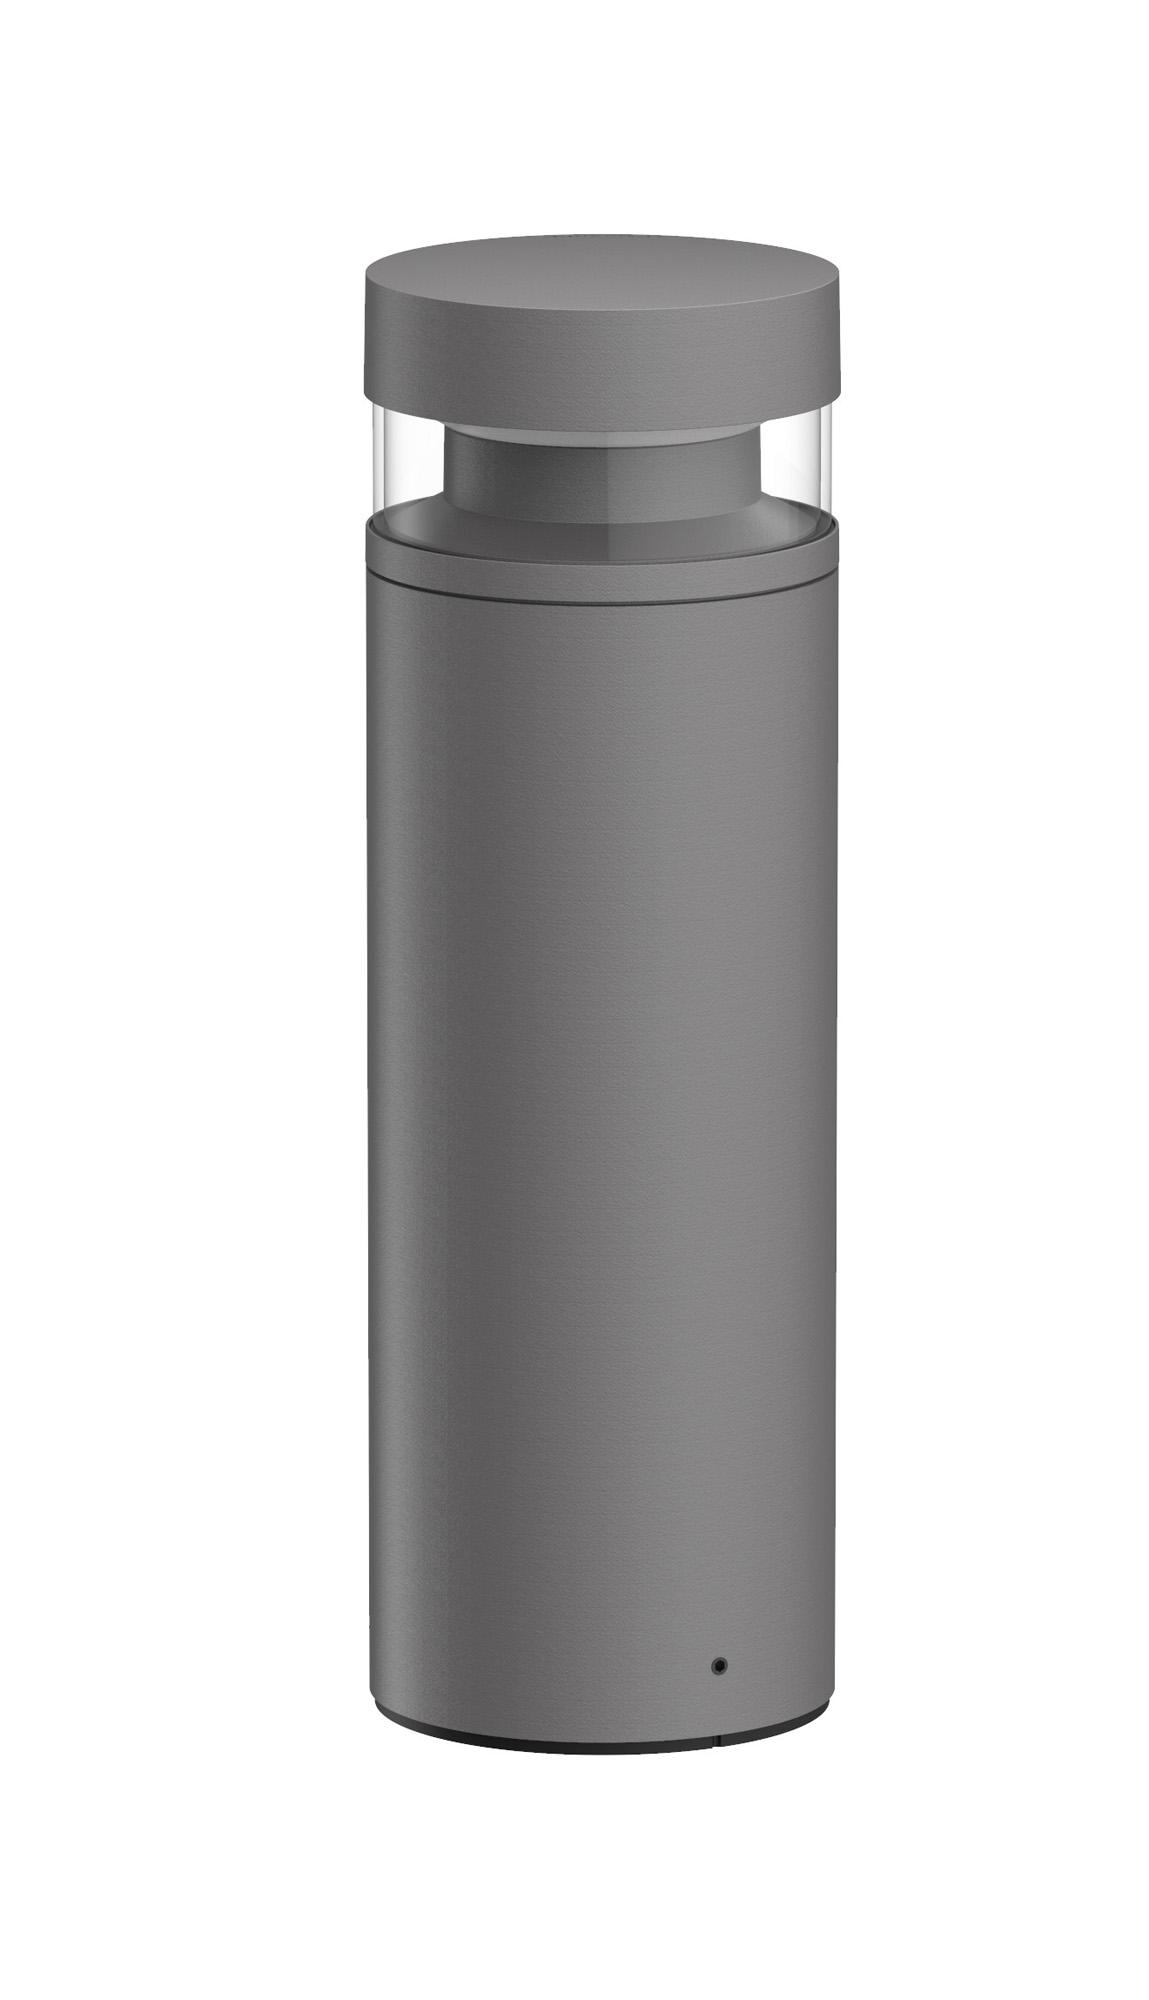 Välisvalgusti TOK 400mm, LED 13W 703lm 3000K; roostevaba teras, hall